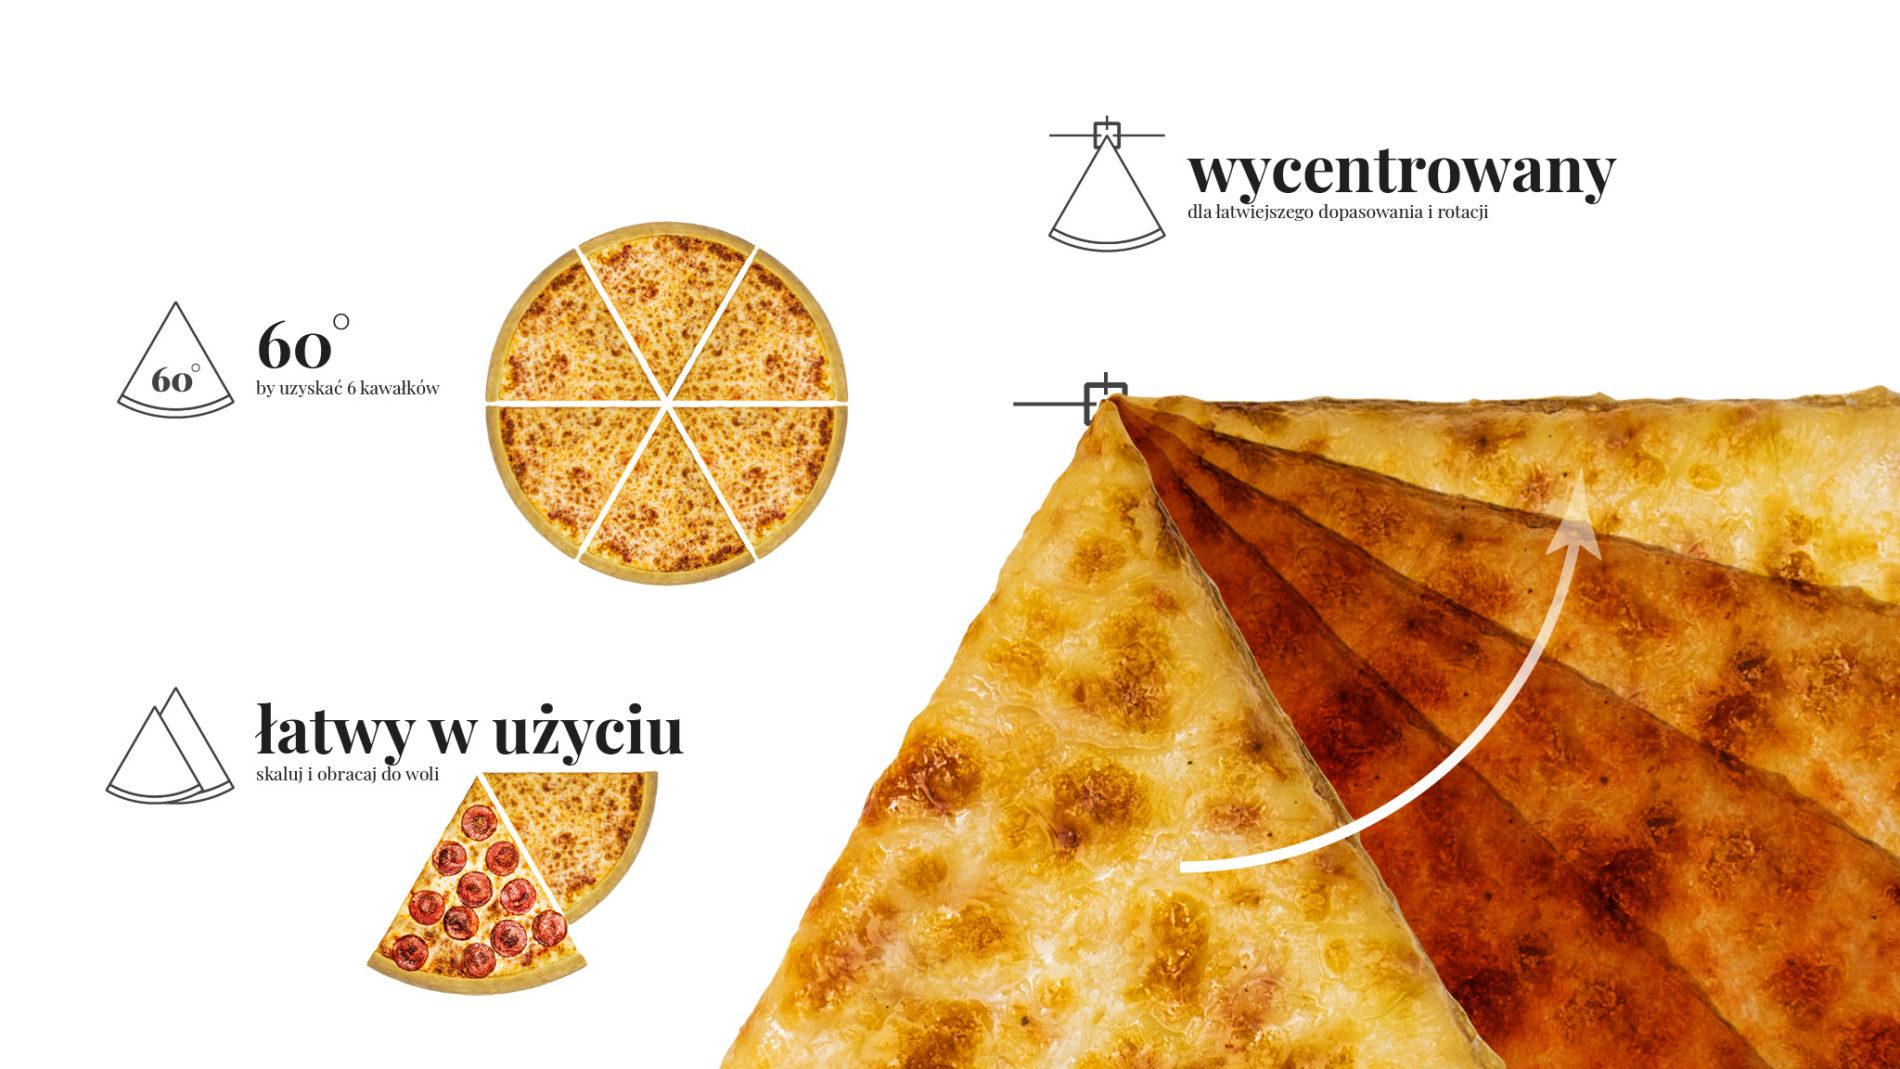 Pizza 60 freebee system – wycentrowany dla łatwiejszego dopasowania i rotacji – 60° by uzyskać 6 kawałków – łatwy w użyciu skaluj i obracaj do woli